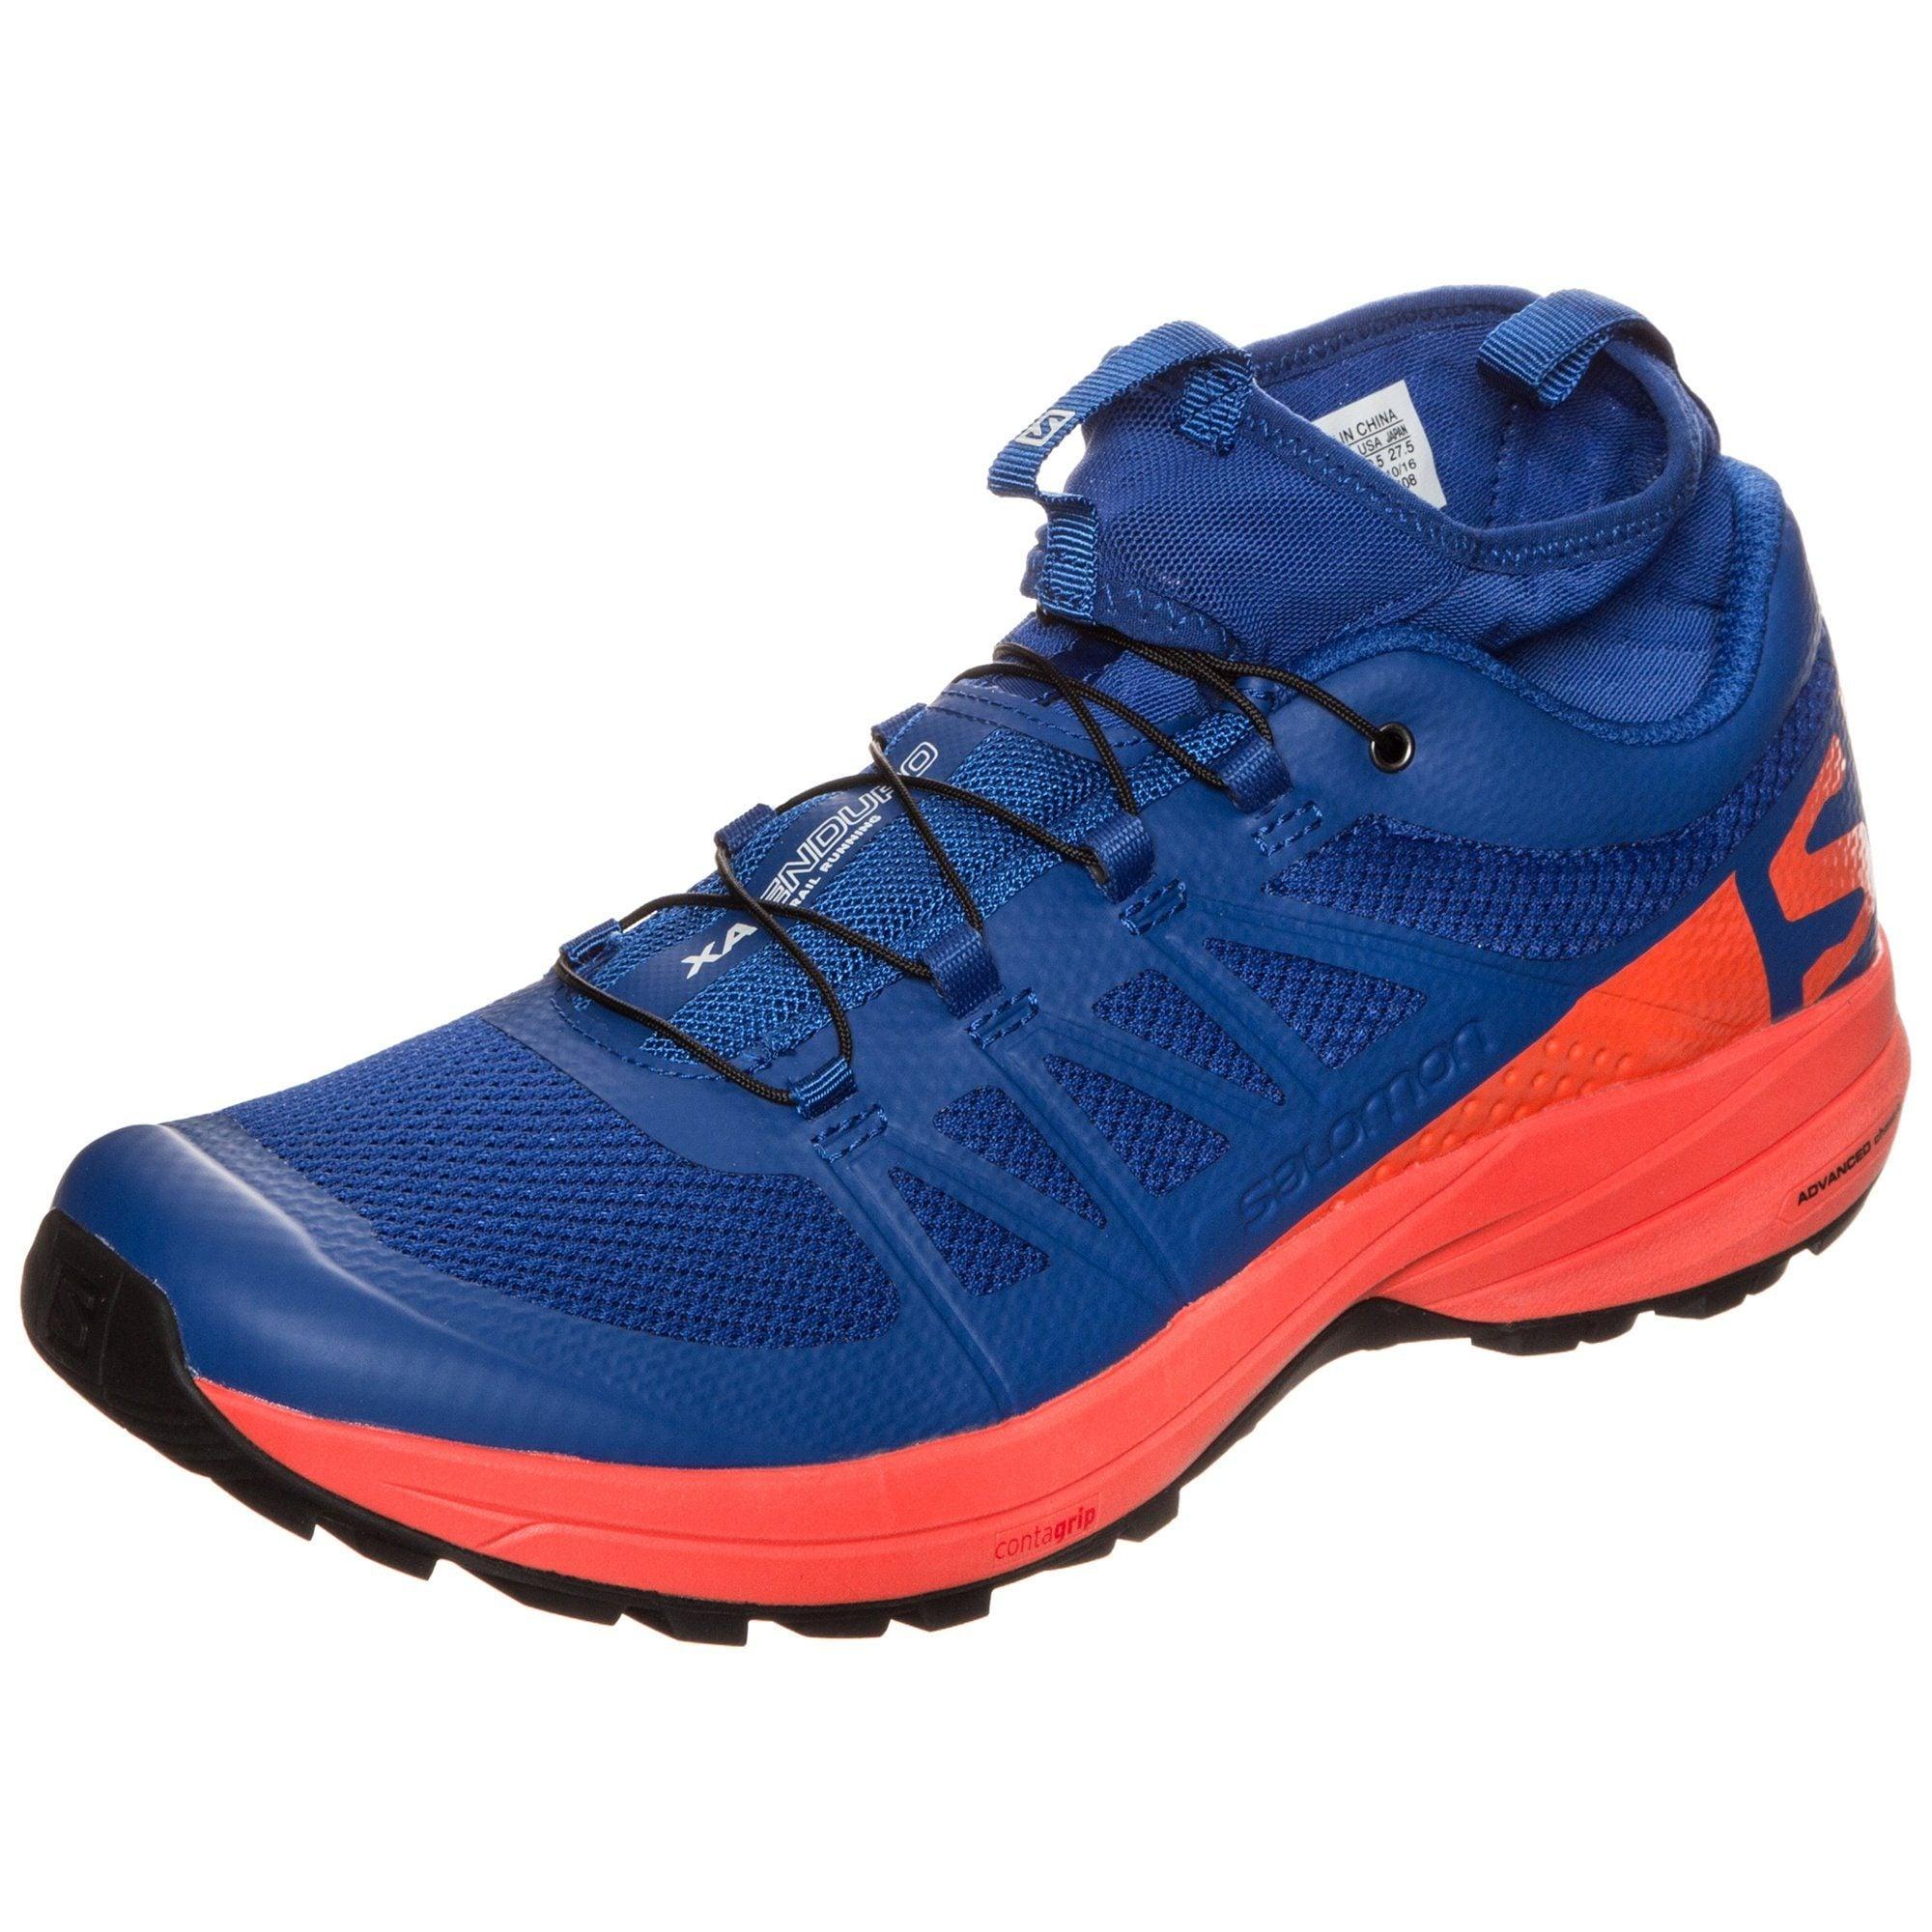 Salomon Laufschuh Xa Enduro | Schuhe > Sportschuhe | Blau | Salomon